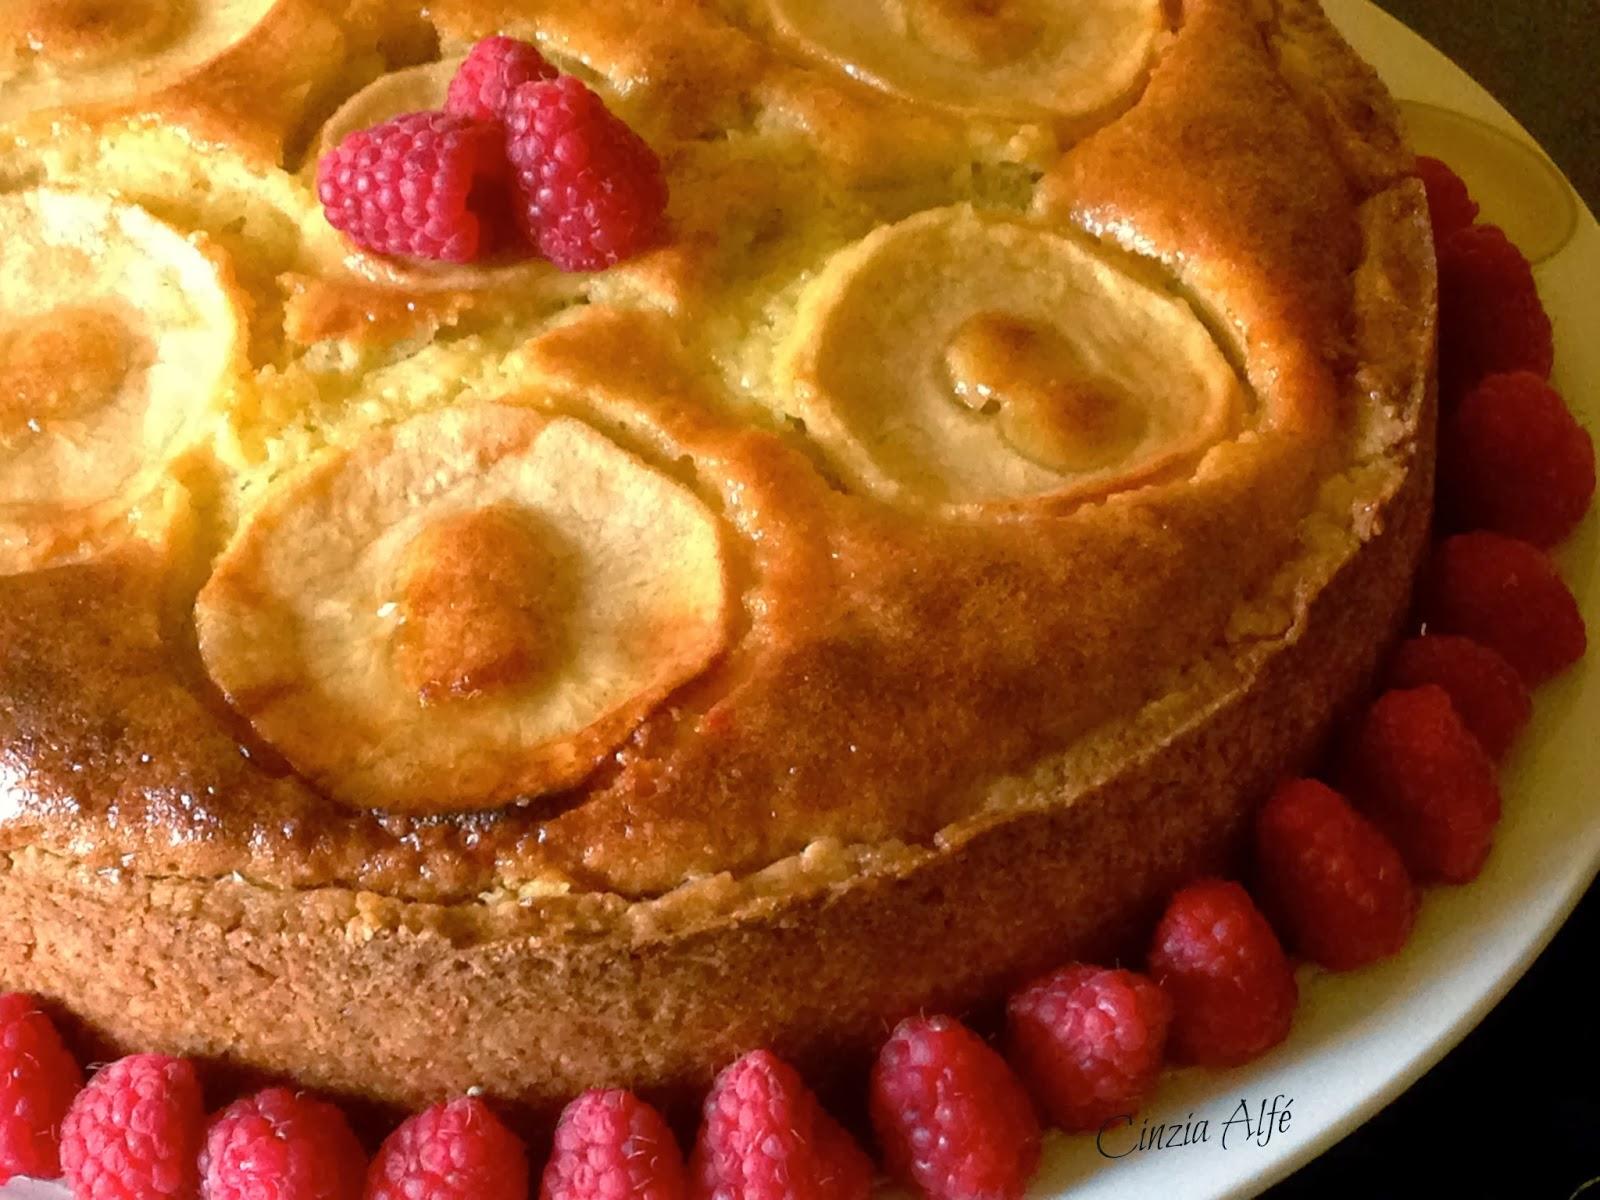 Torte Da Credenza Montersino : Crostata con crema frangipane di luca montersino